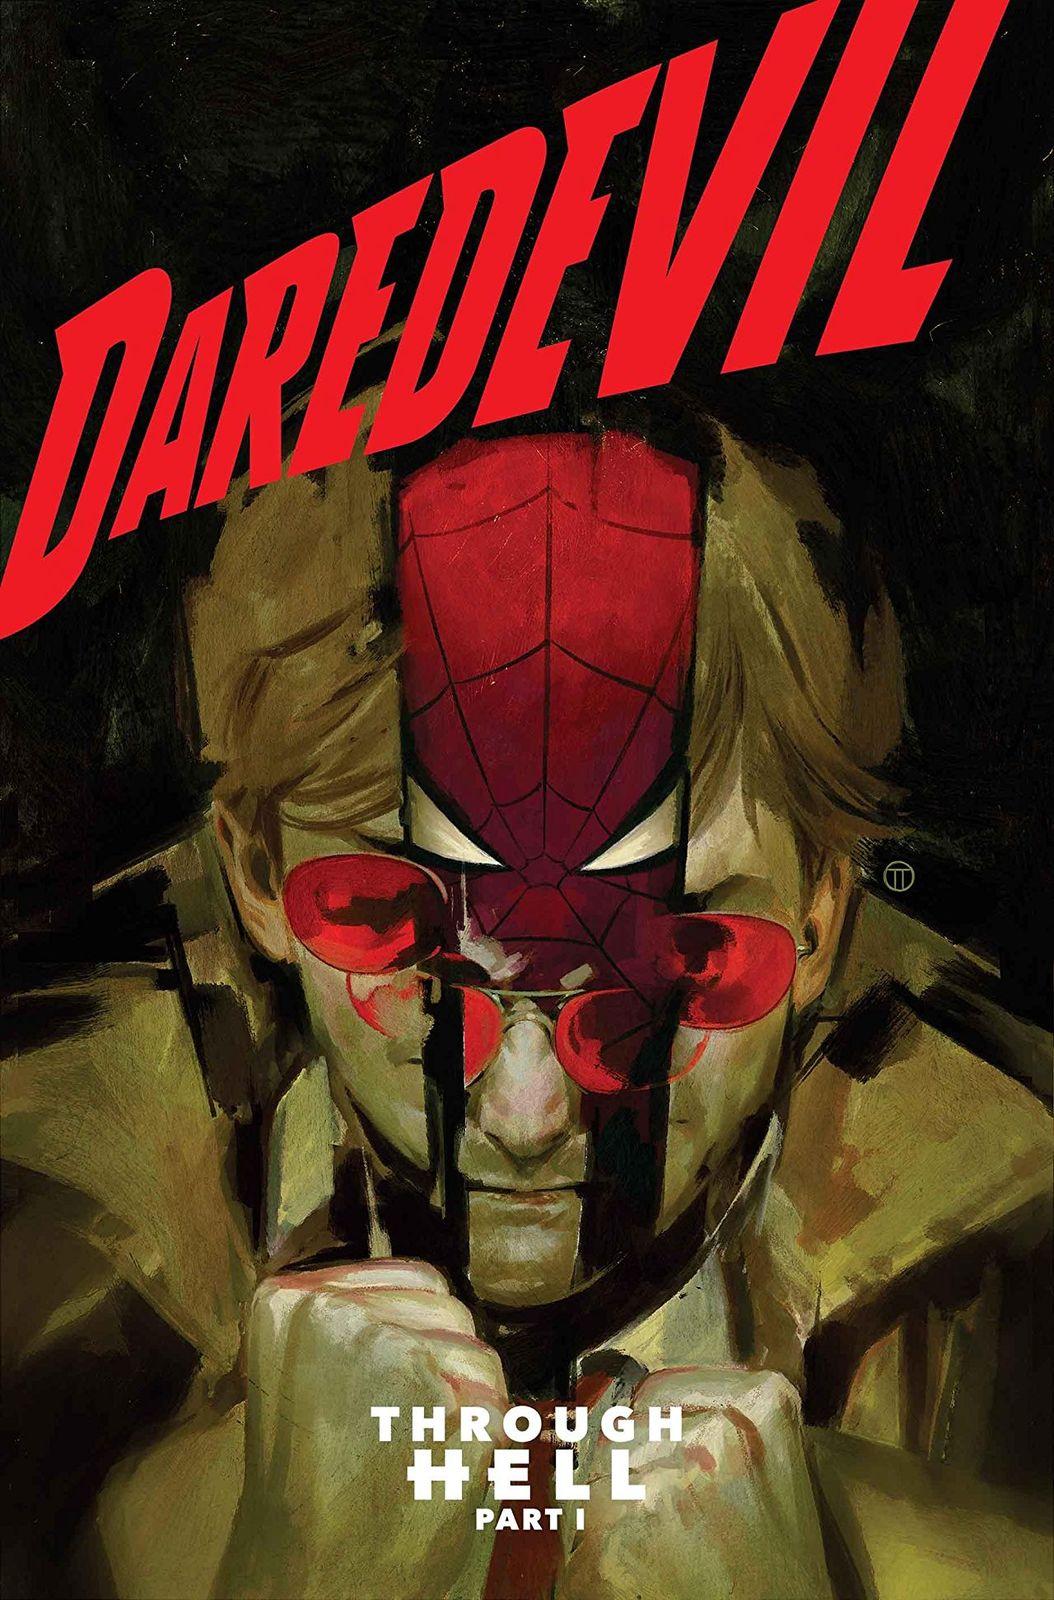 Daredevil #11 - (Cover A) by Chip Zdarsky image